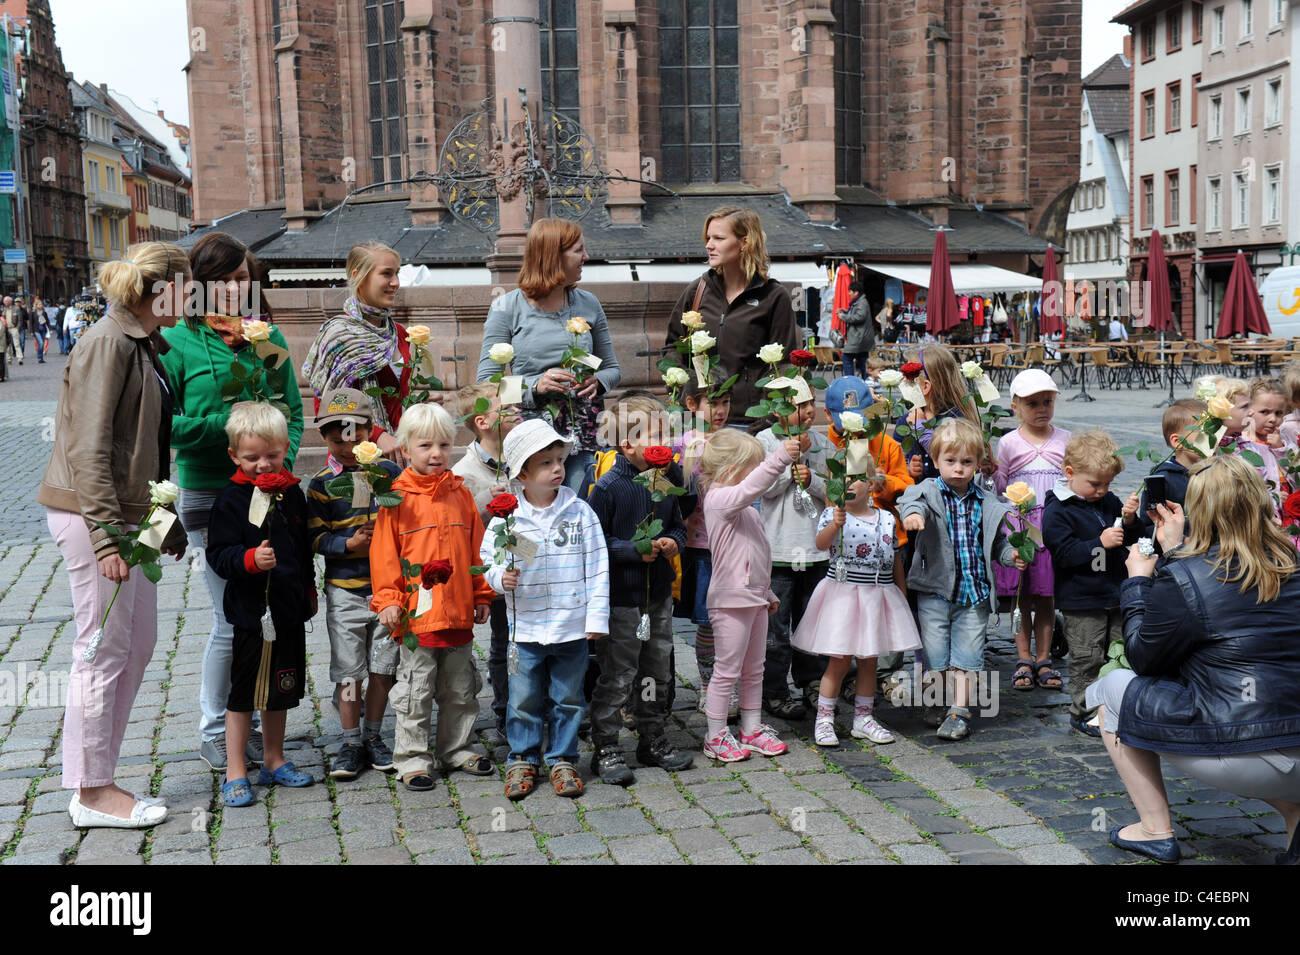 L'école maternelle enfants attendant de présenter à roses Heidelberg Baden-Württemberg Allemagne Deutschland Mariage Banque D'Images